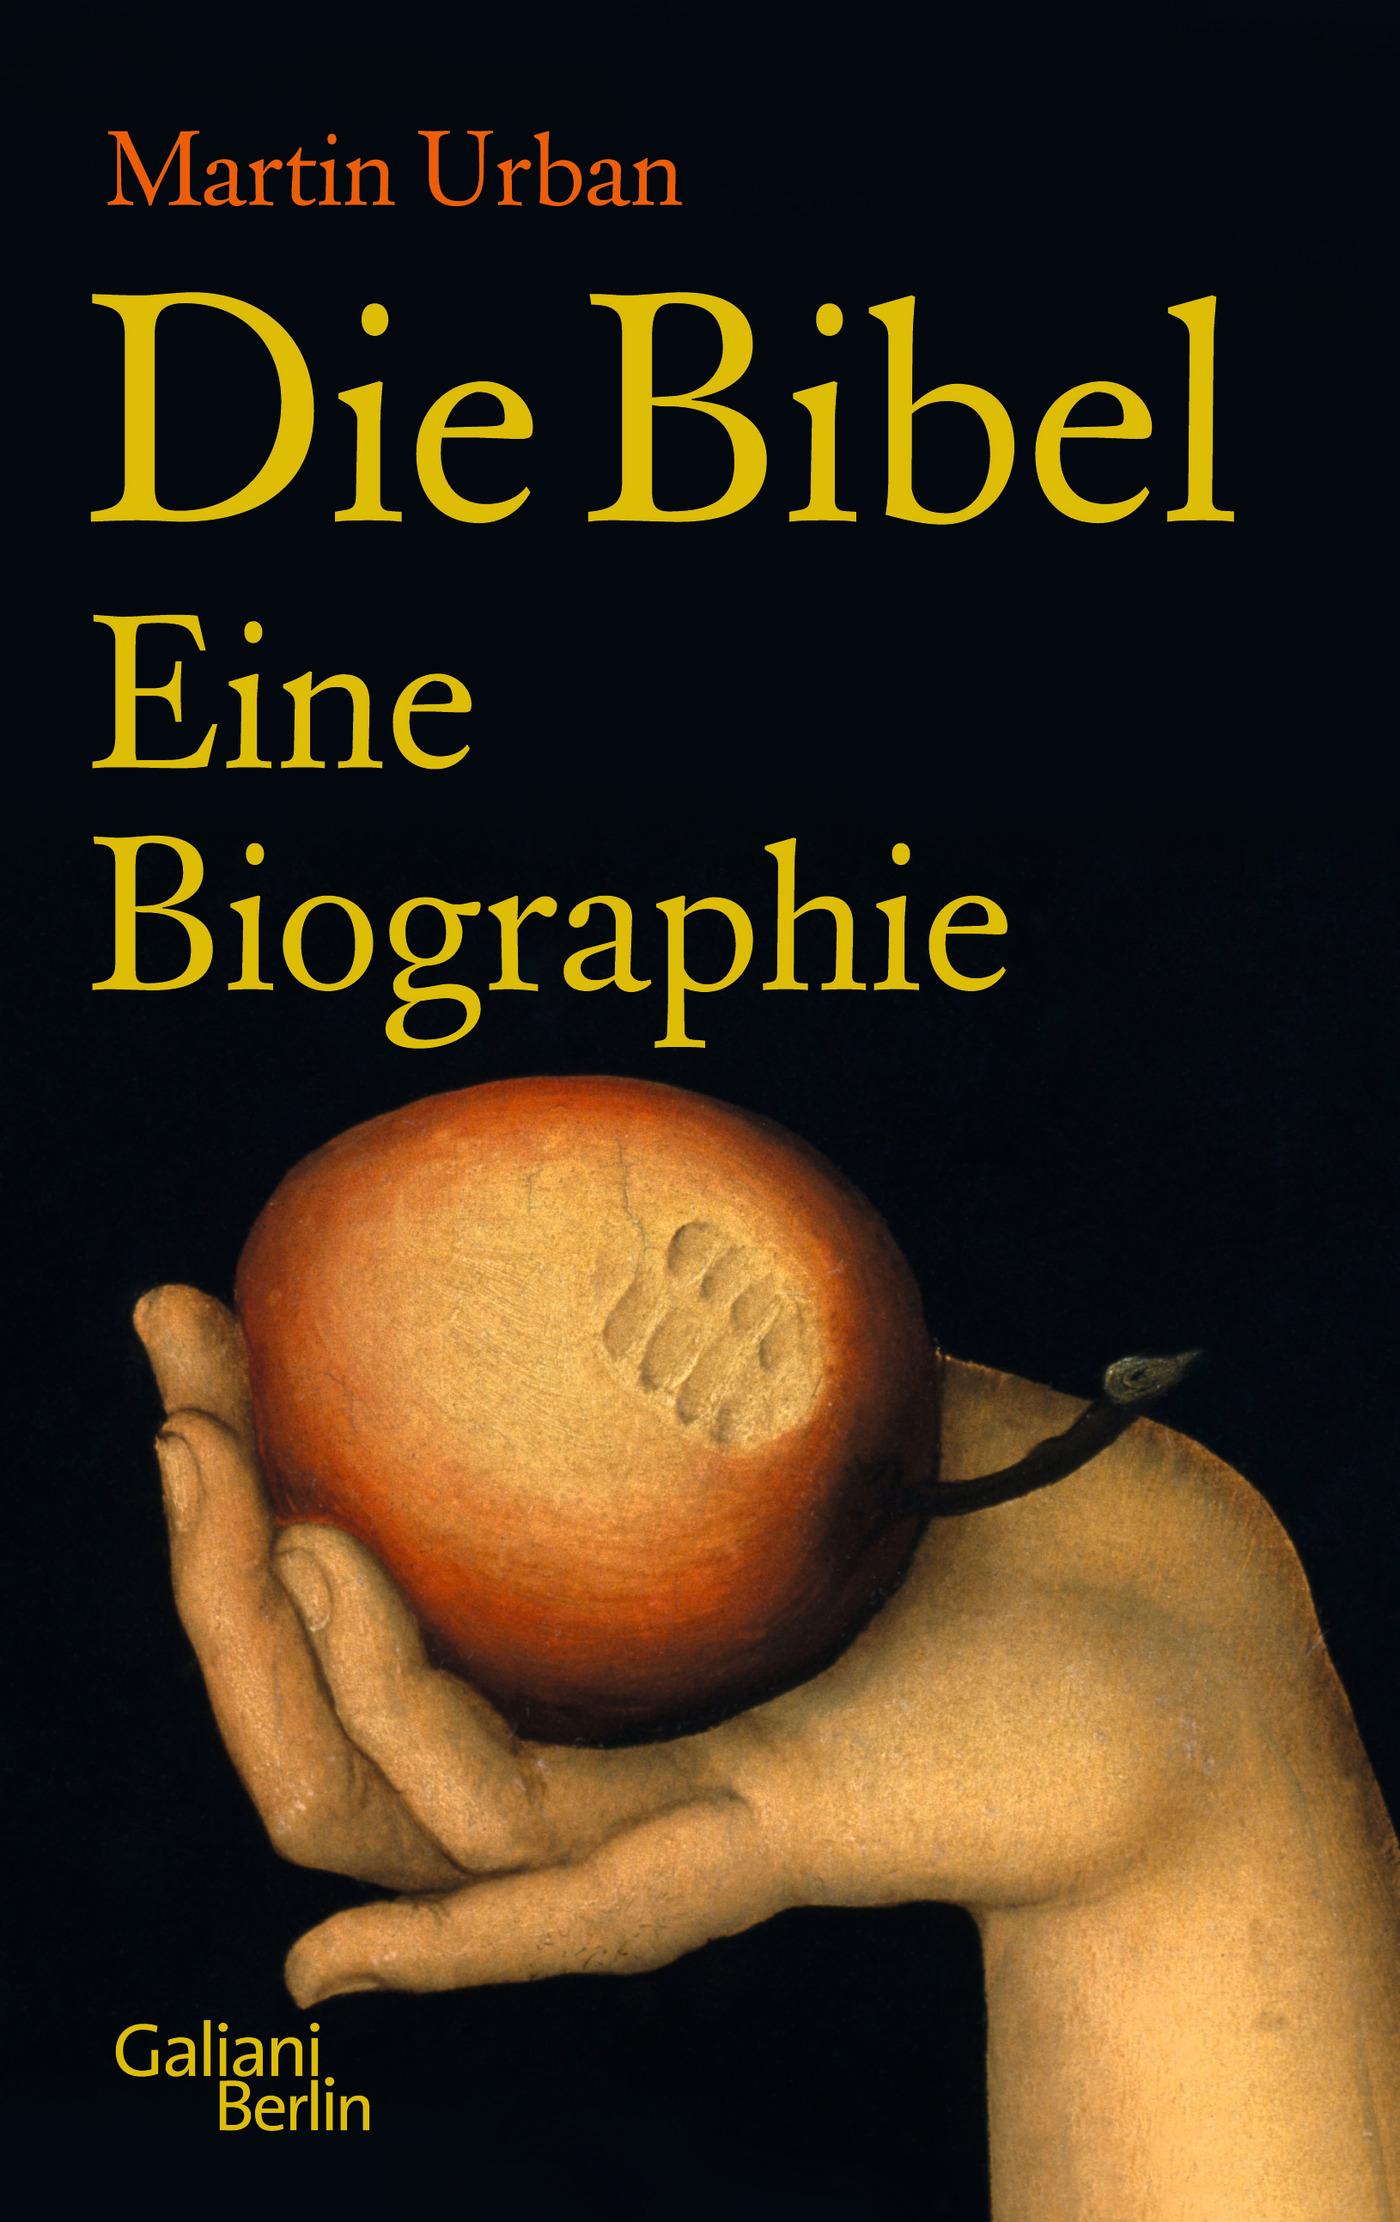 Die-Bibel-Eine-Biographie-Martin-Urban